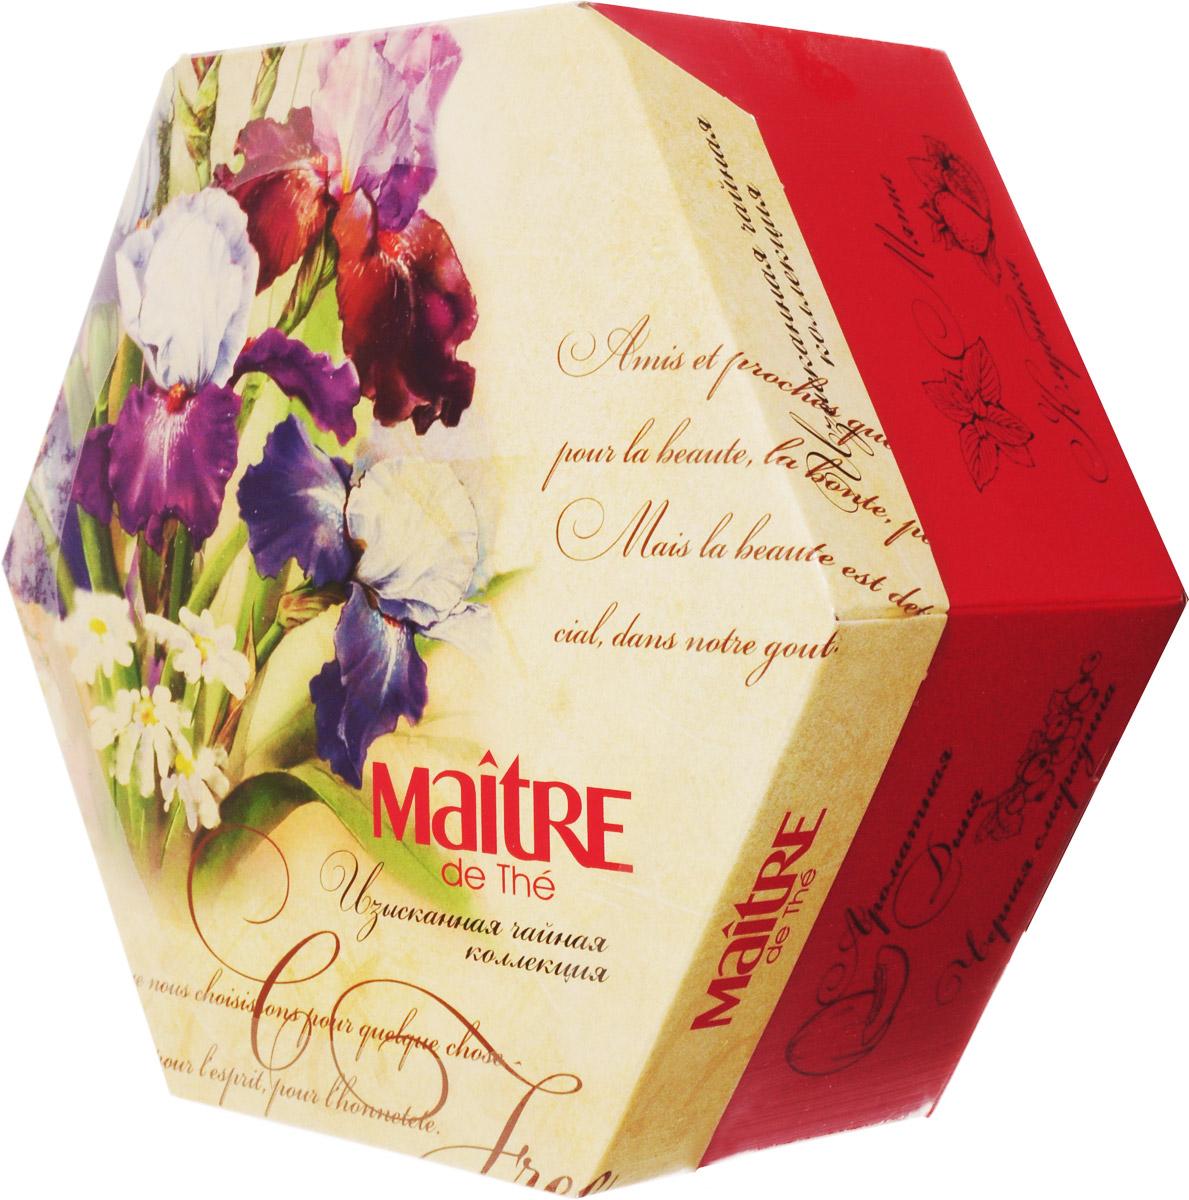 Maitre Изысканная чайная коллекция набор чая в пакетиках, 60 шт баж003_ирисы